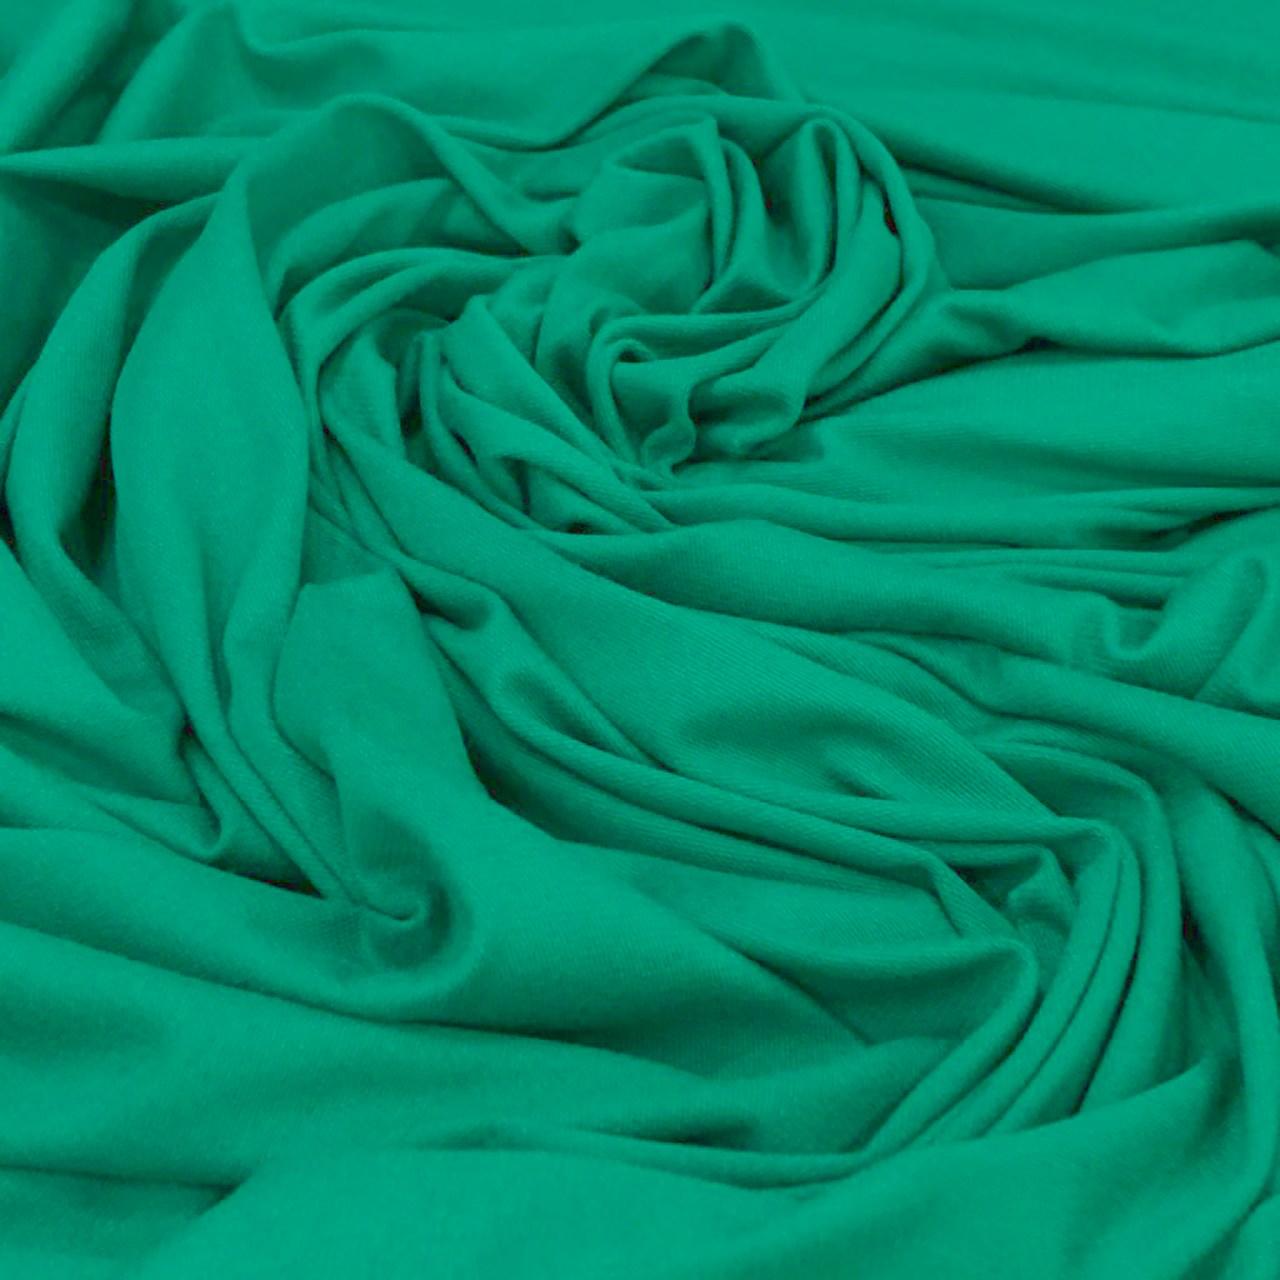 Tecido Moletinho Em Viscose 94%Viscose 6%Elastano Verde